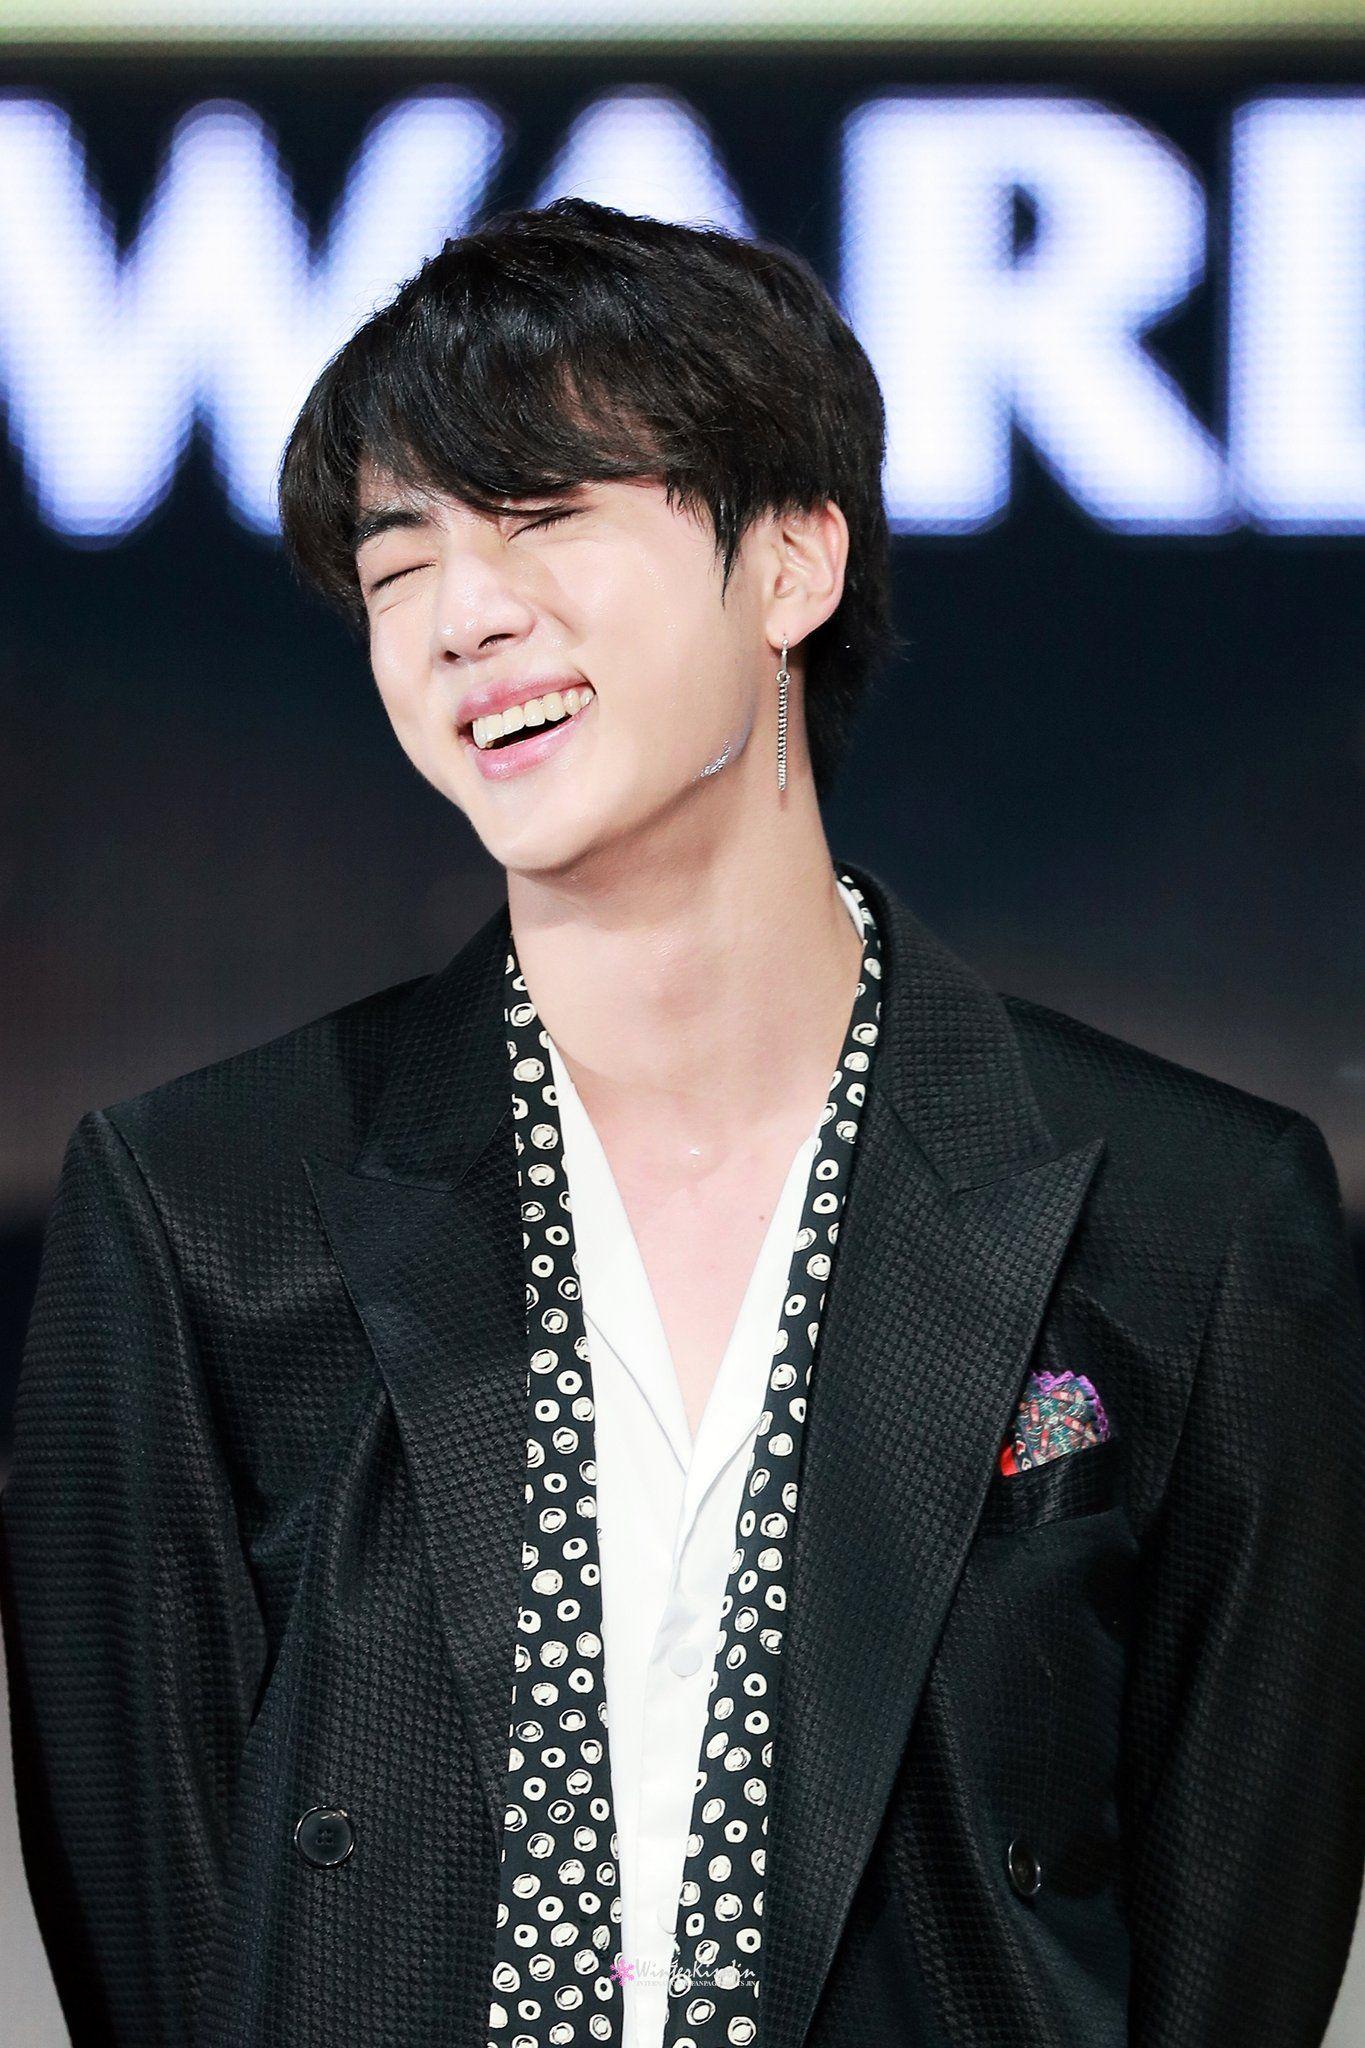 Winterkissjin On Twitter Seokjin Bts Asia Artist Awards Seokjin